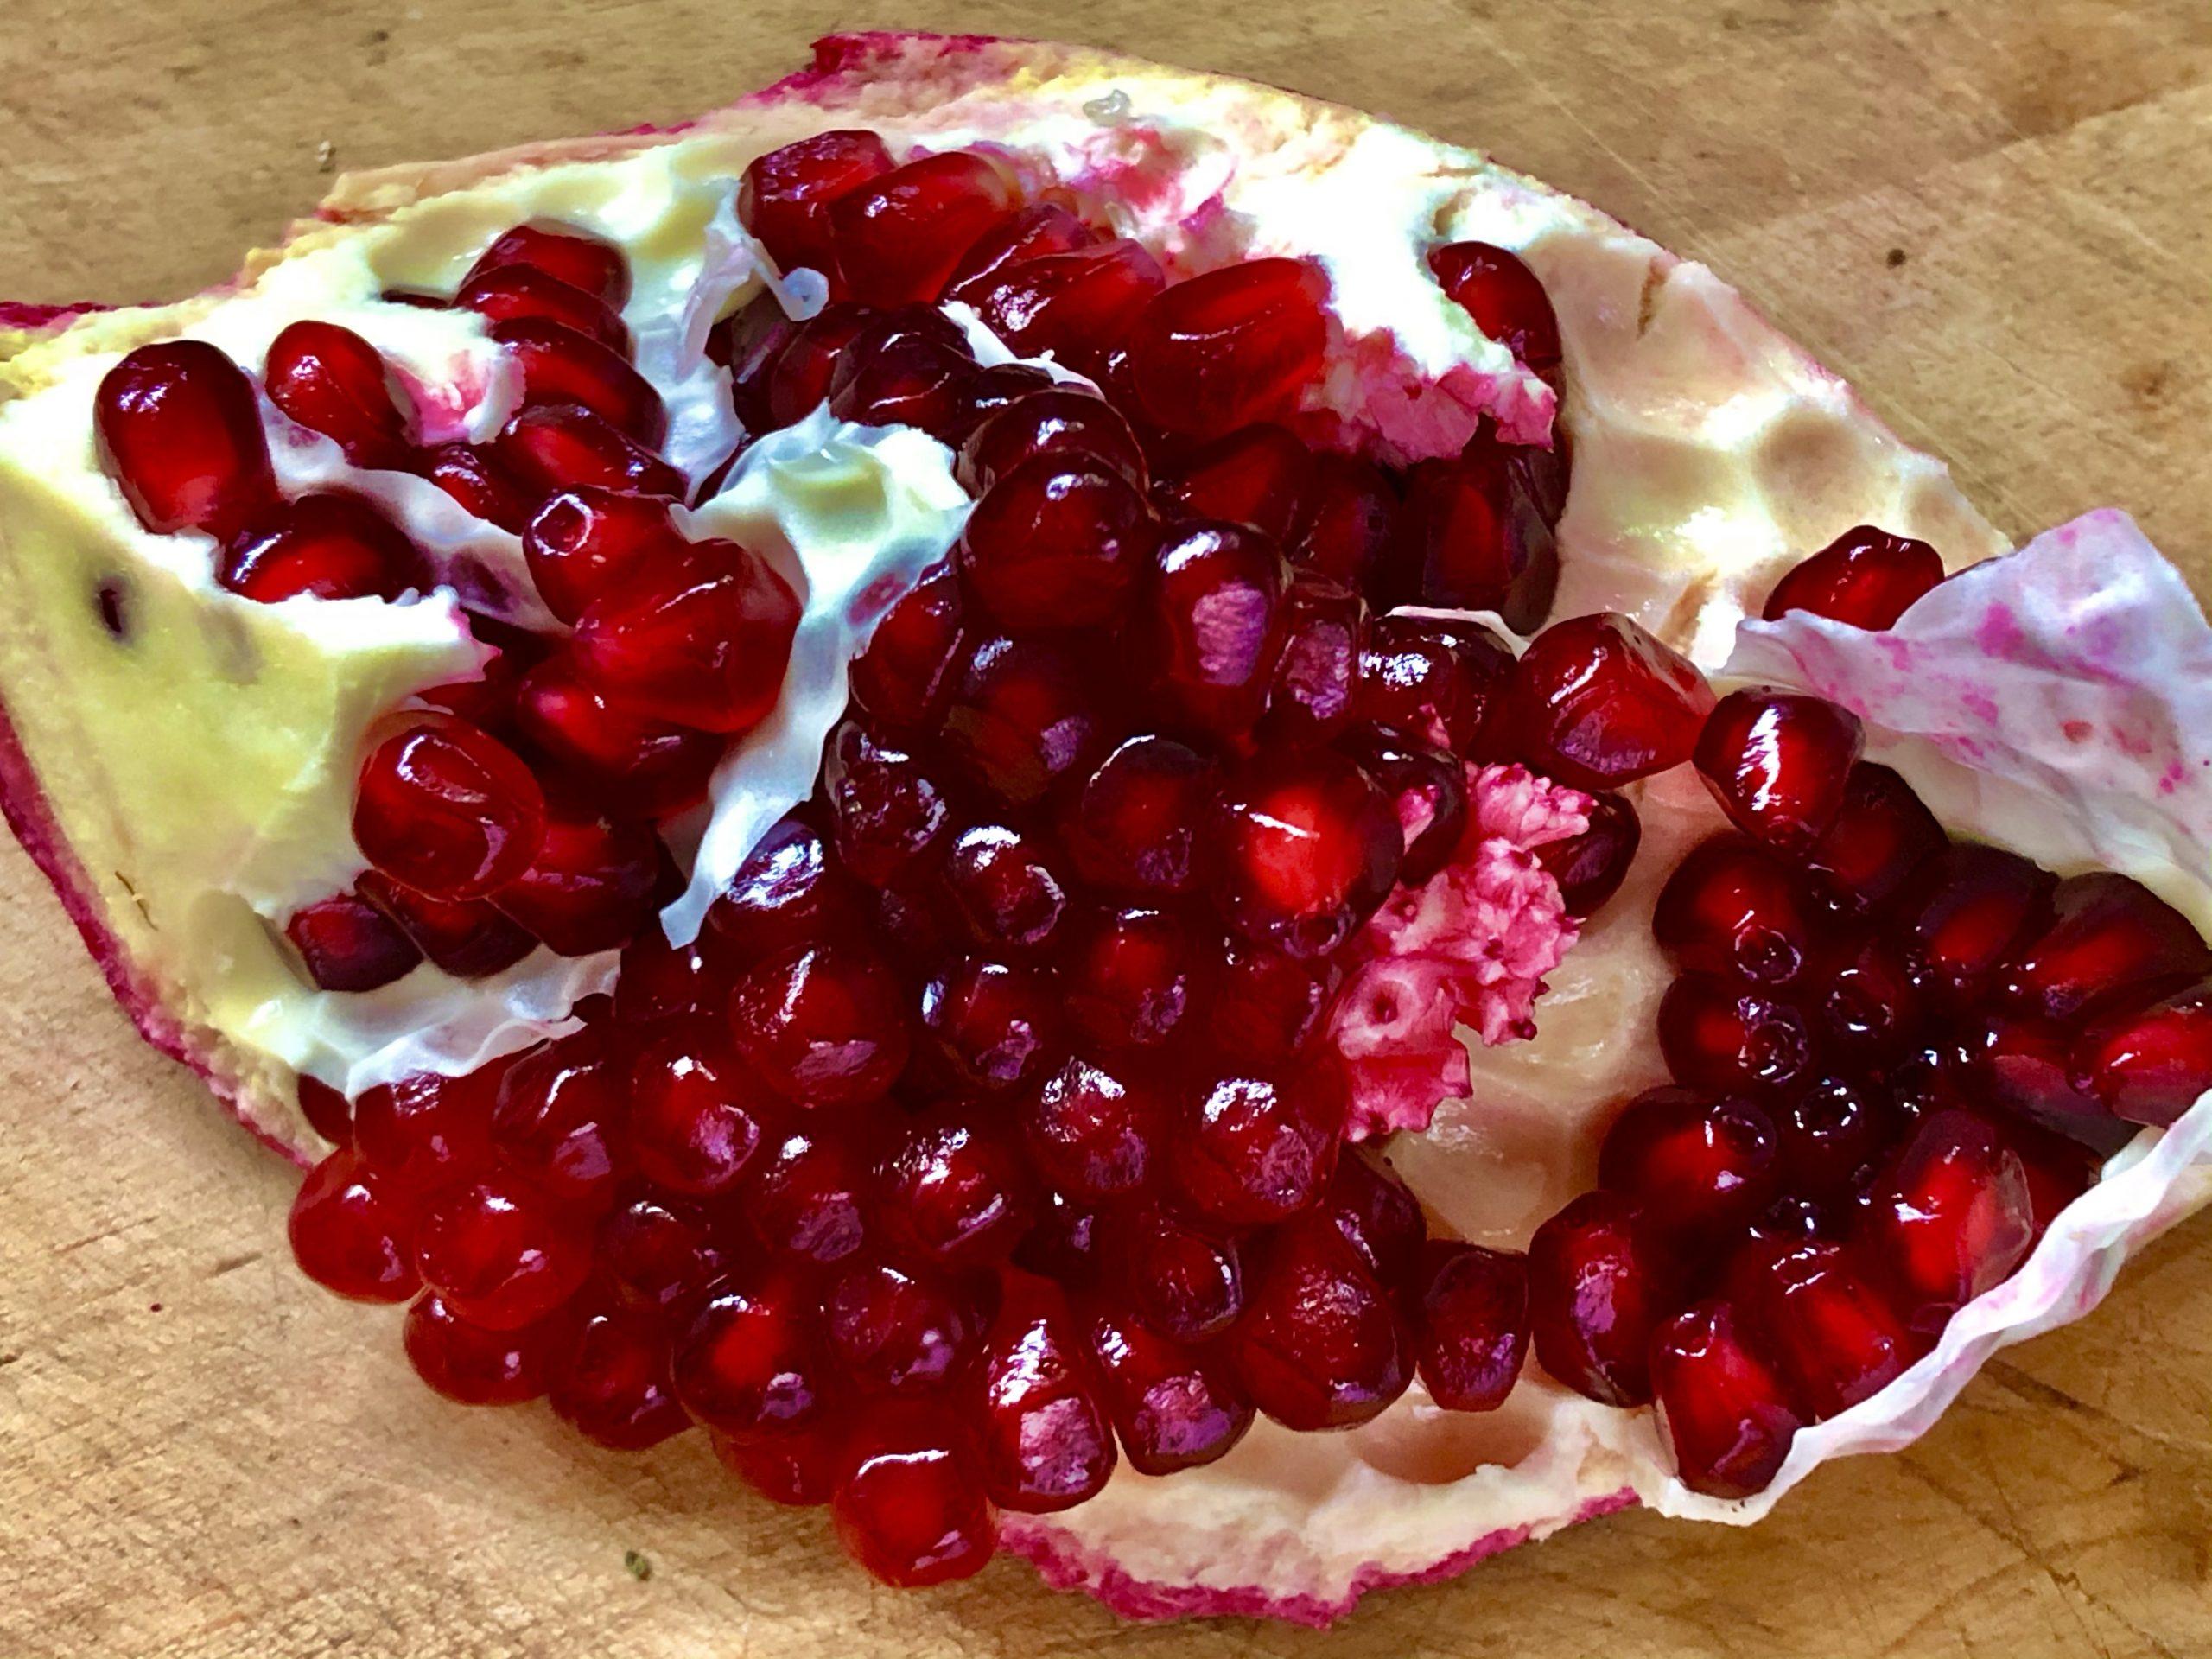 High season for pomegranates